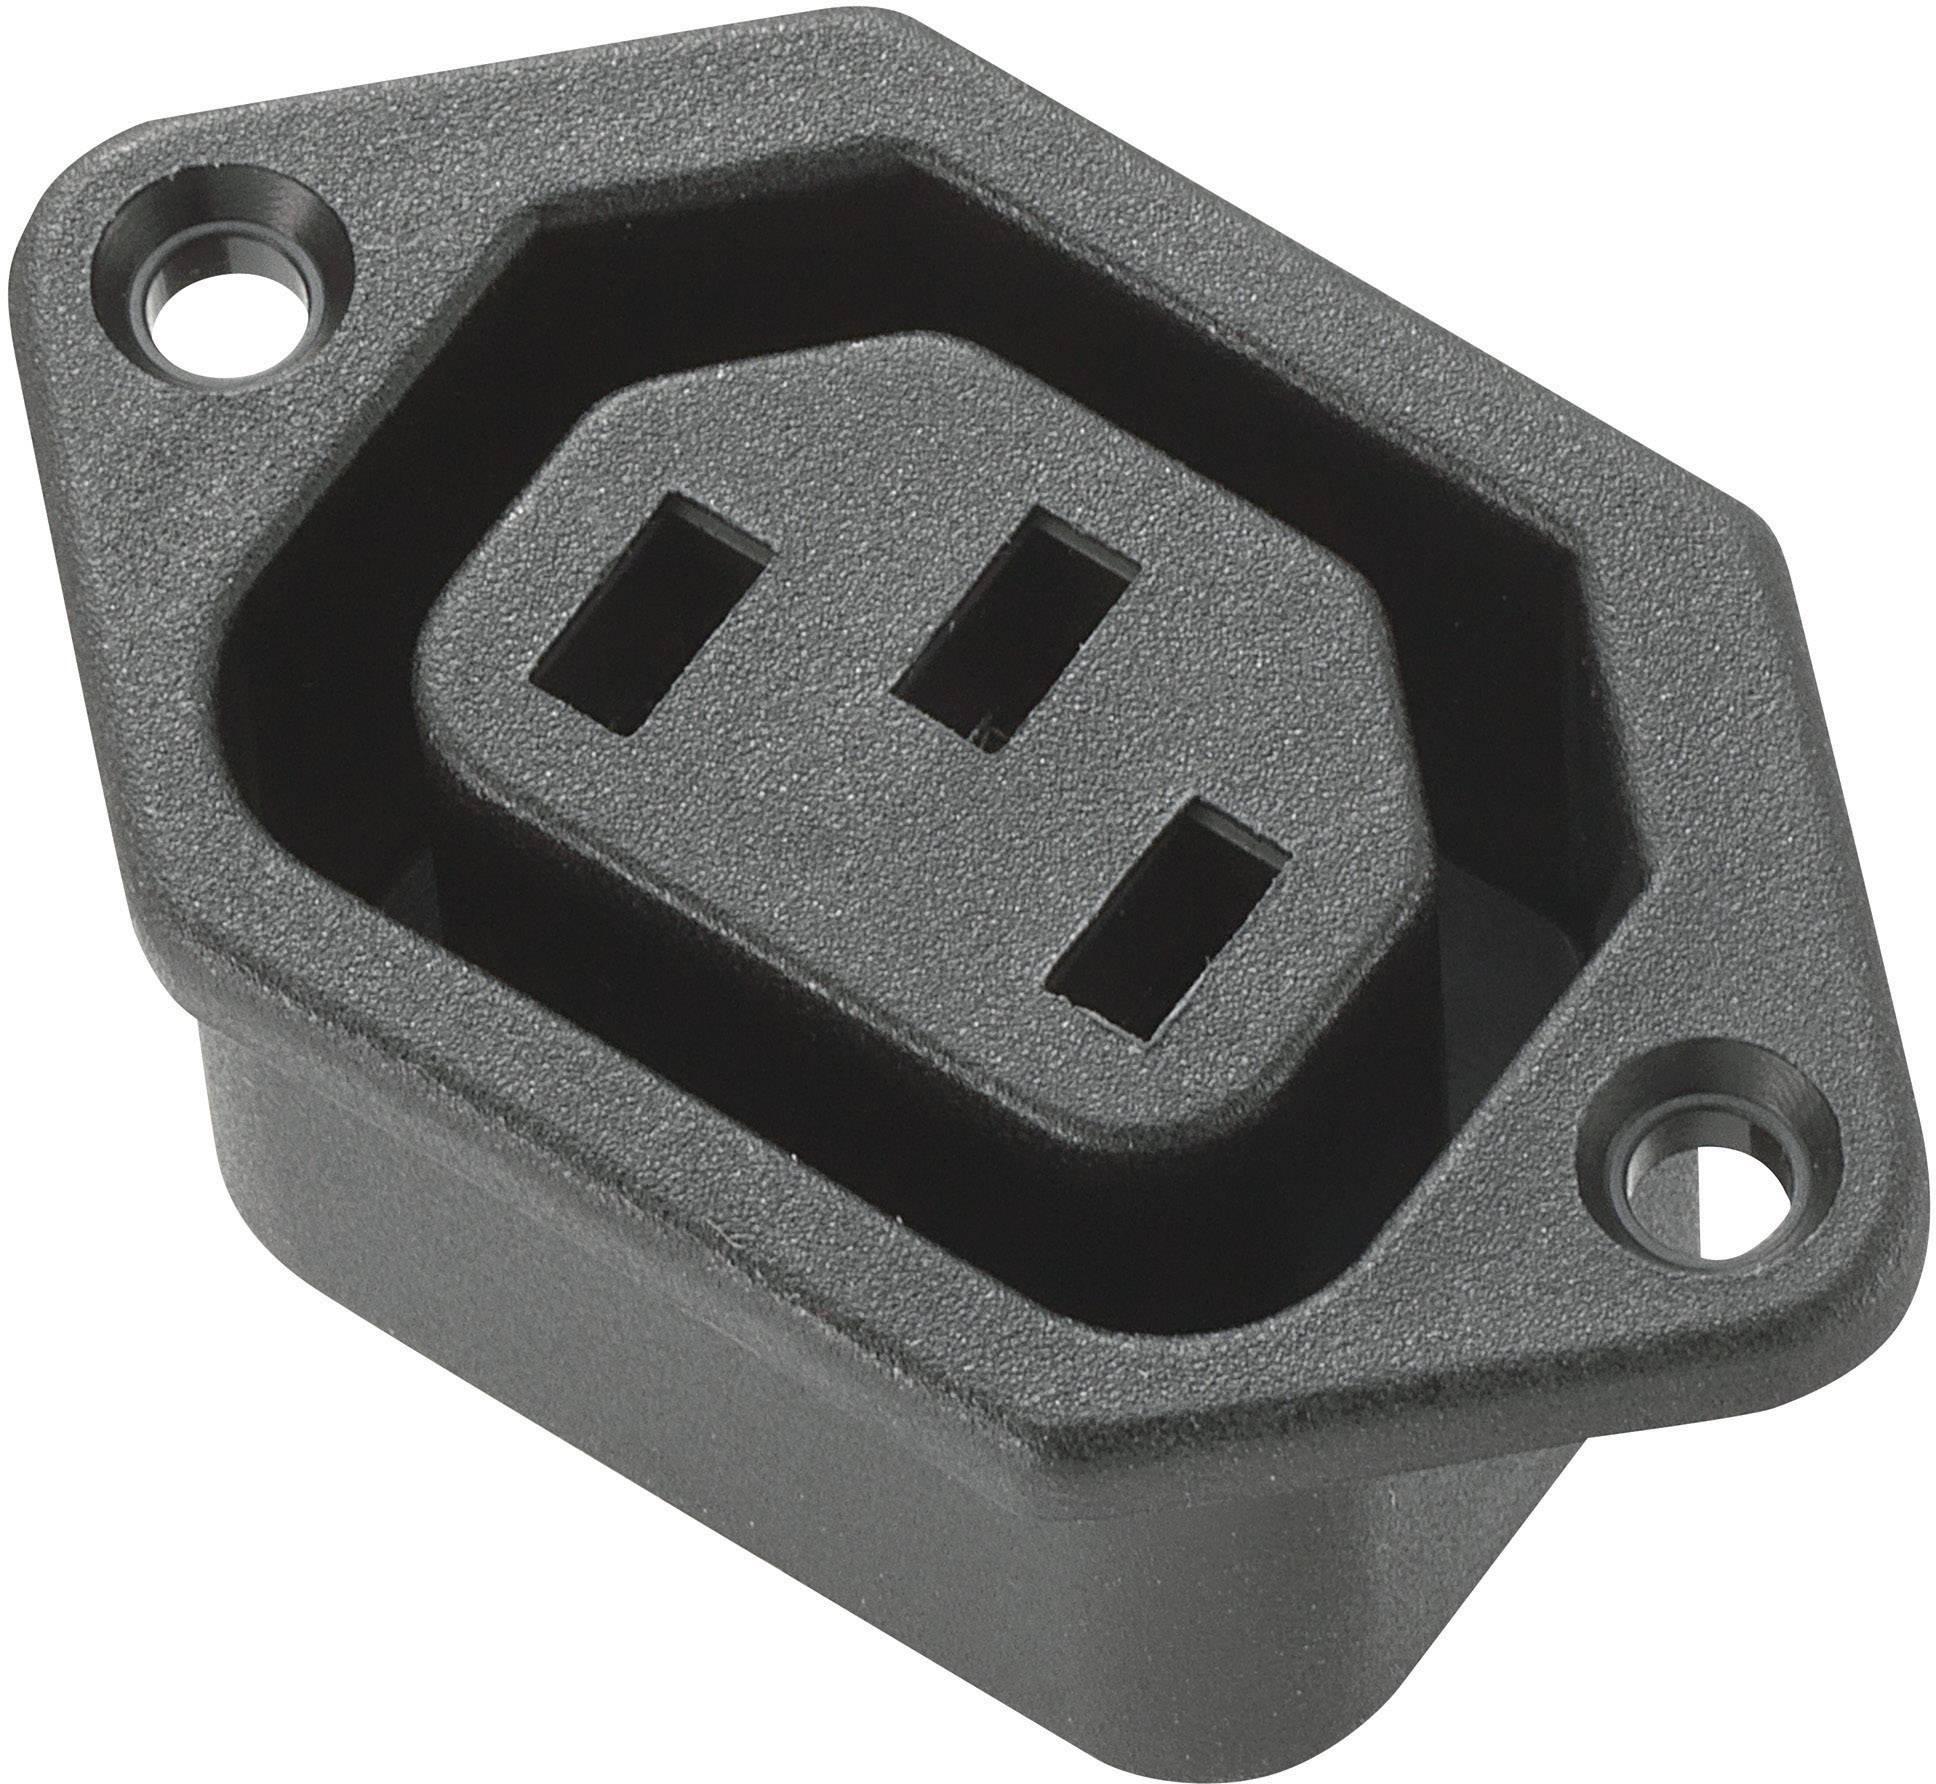 IEC zástrčka C13/C14 C13, zásuvka, vstavateľná vertikálna, počet kontaktov: 2 + PE, 10 A, 250 V, čierna, 1 ks